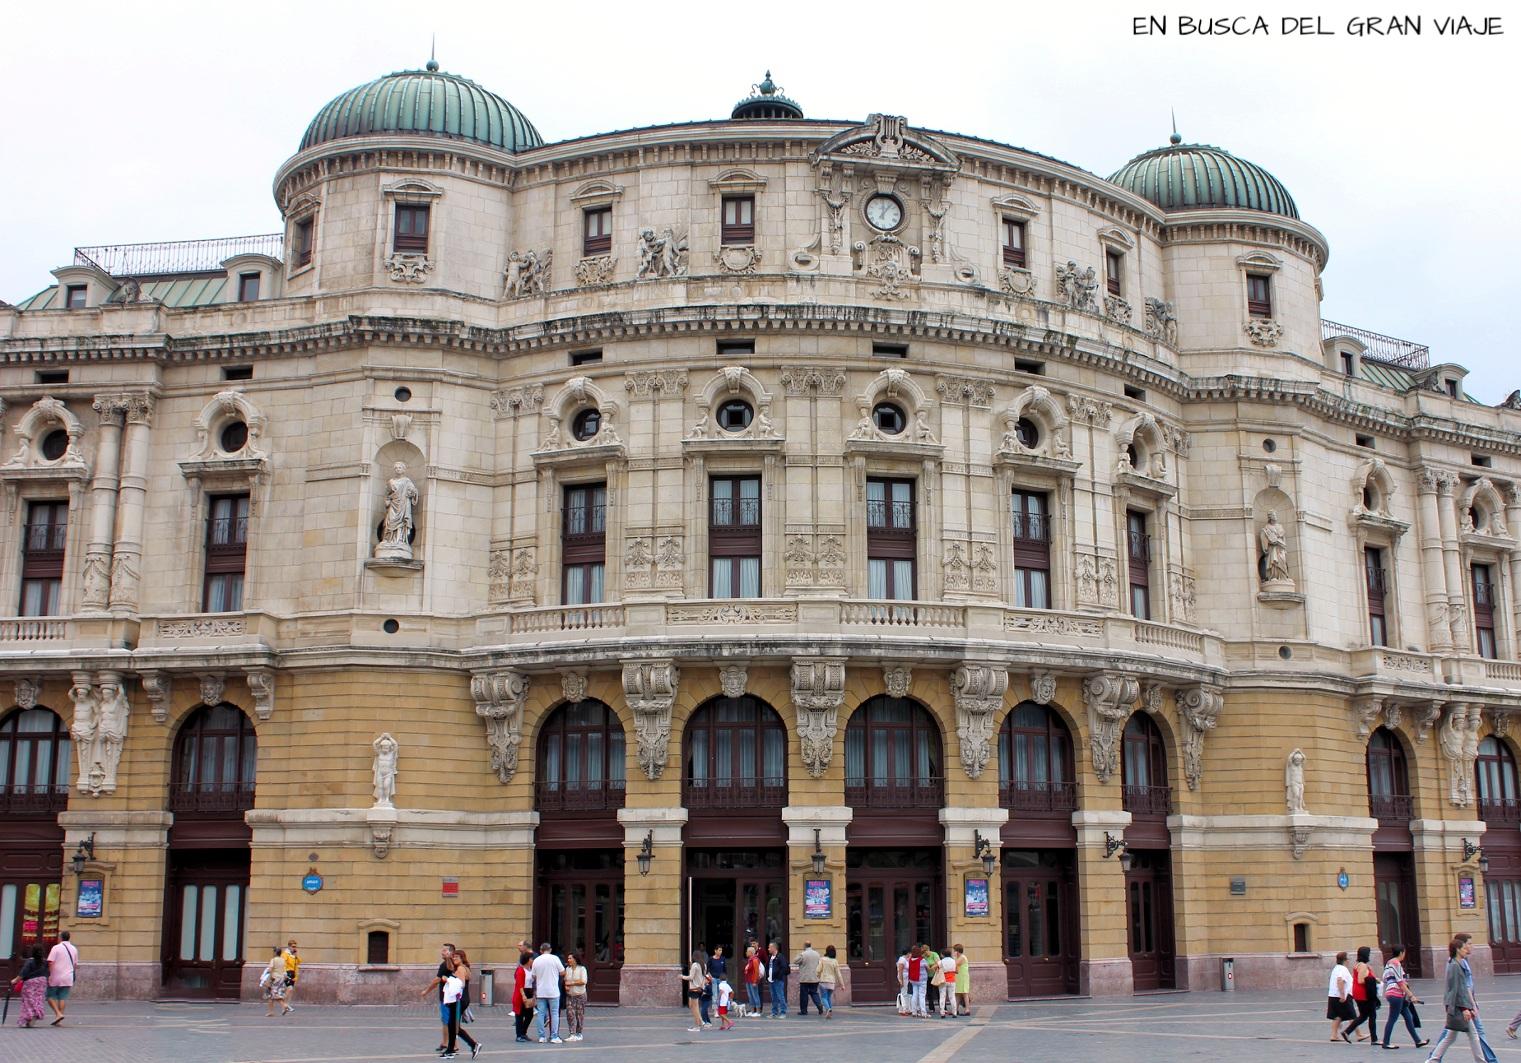 La fachada del teatro Arriaga